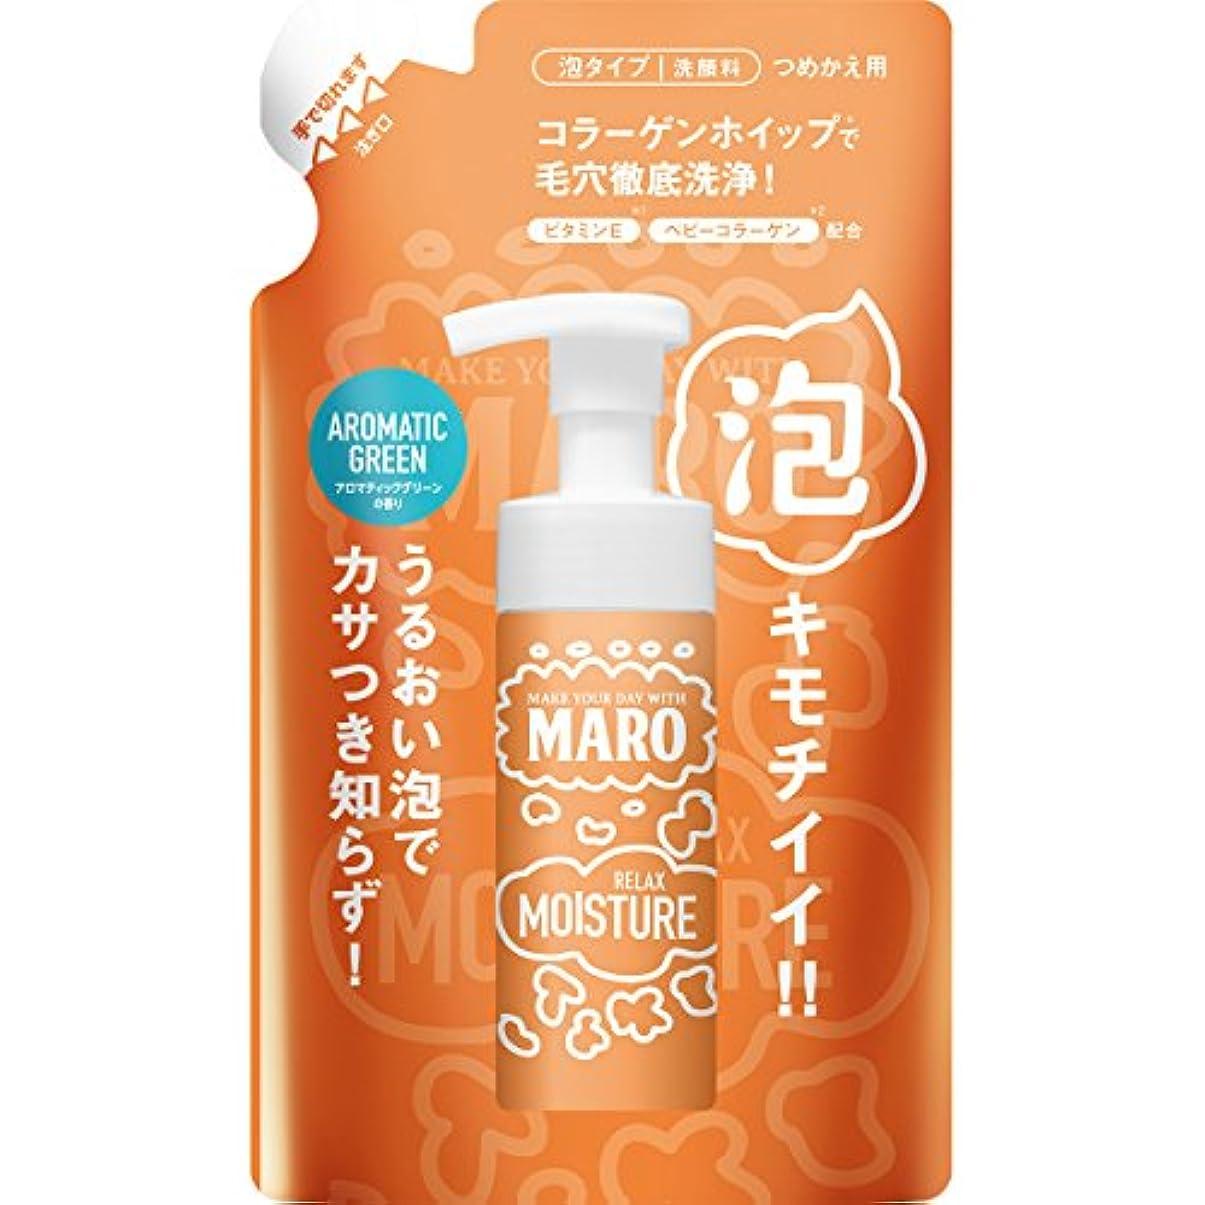 電報機械的たぶんMARO グルーヴィー 泡洗顔 詰め替え リラックスモイスチャー 130ml